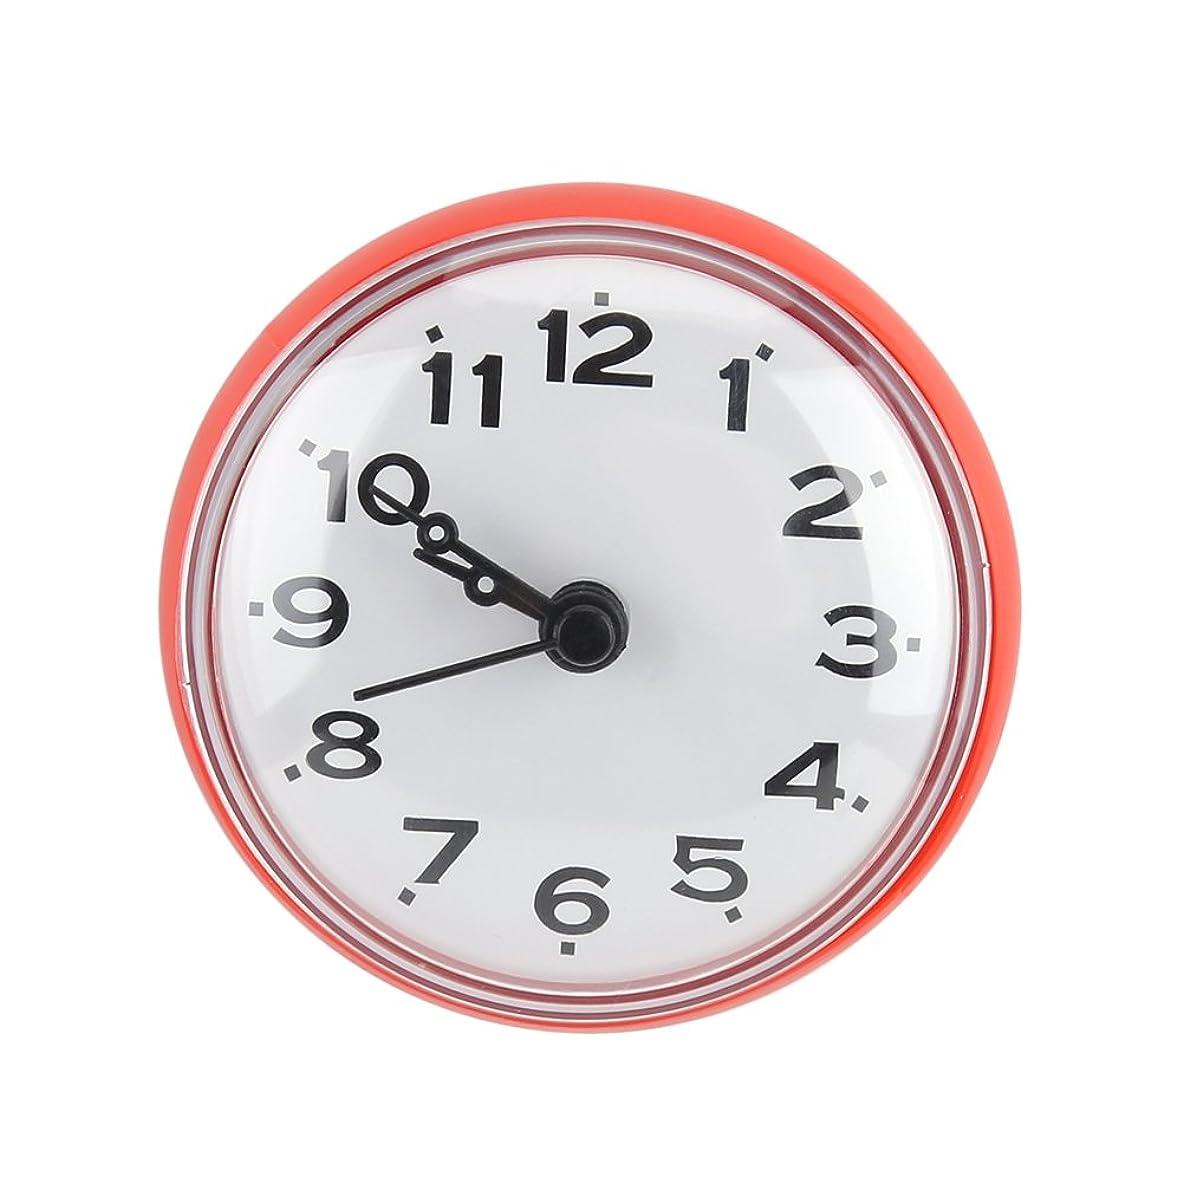 側一節摂氏防水時計 ウォールクロック 強力 吸盤式 ミニサイズ 防水 バスルームクロック バスルーム時計 ウォータープルーフ時計 お風呂用品 キッチン用(レッド)